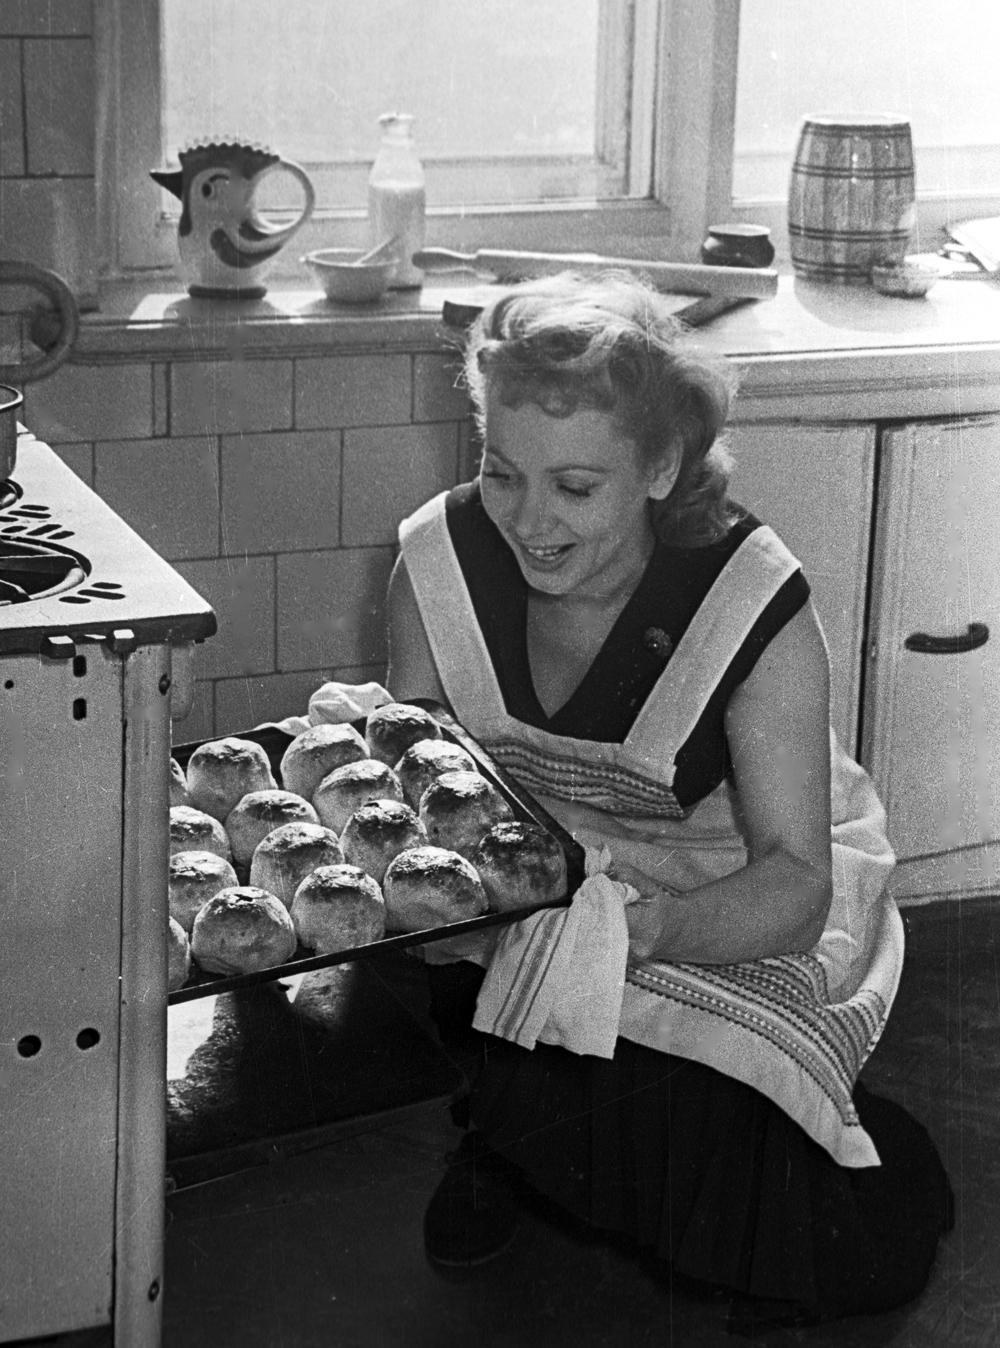 Лидия Смирнова печет пироги на своей кухне. 1958 год.